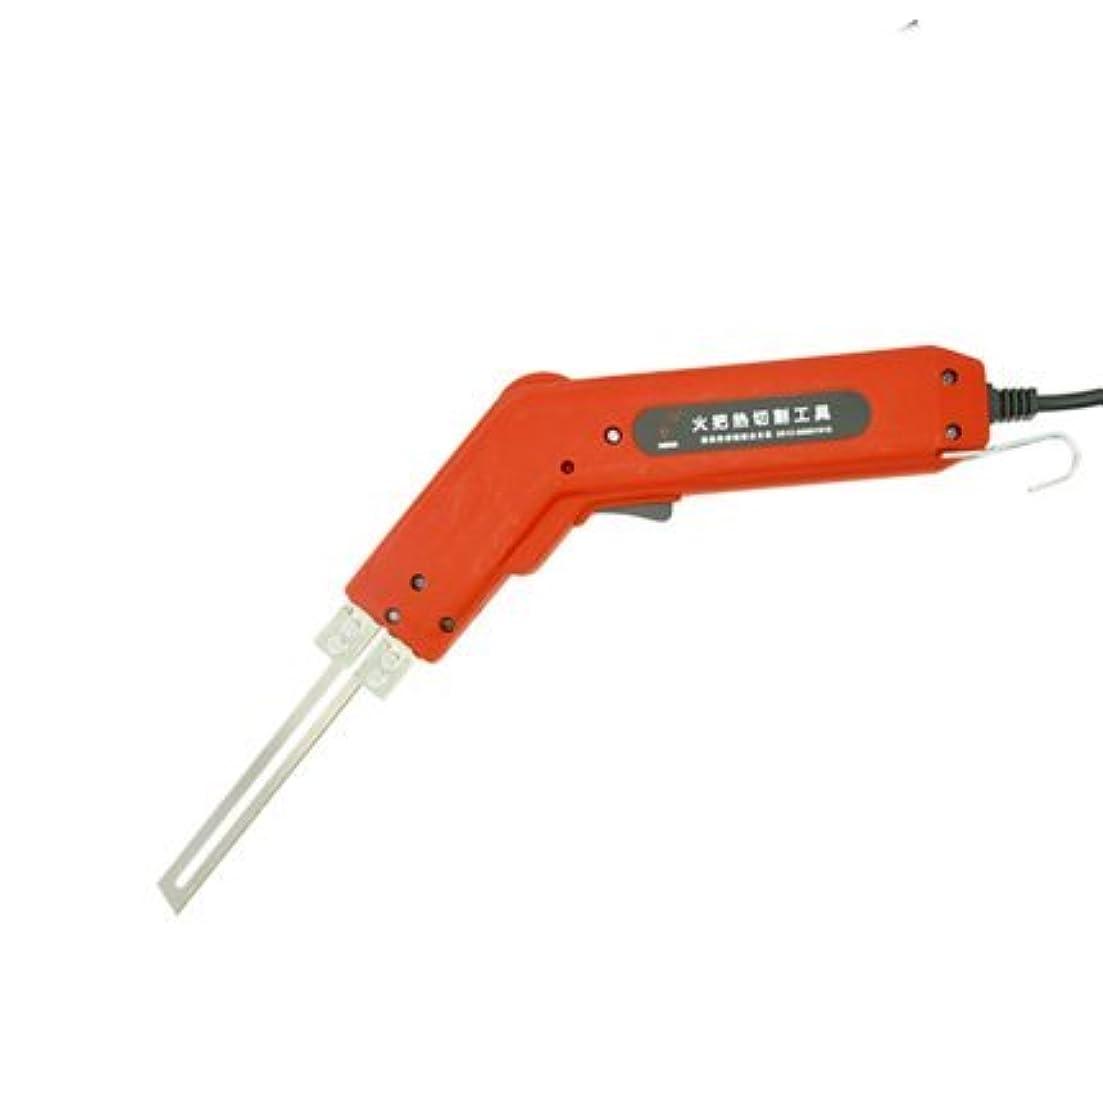 冷ややかな流行している雇用者CGOLDENWALL HS20 250W25cm500℃手持ち電動カッター ホットカッティングナイフ フォームカットハサミ 断熱板、パールコットン、プラスチックプレート、フォームボードなども簡単に切るカット電気自動裁断機 フォームカット電気ナイフ 110V (250W25cm)